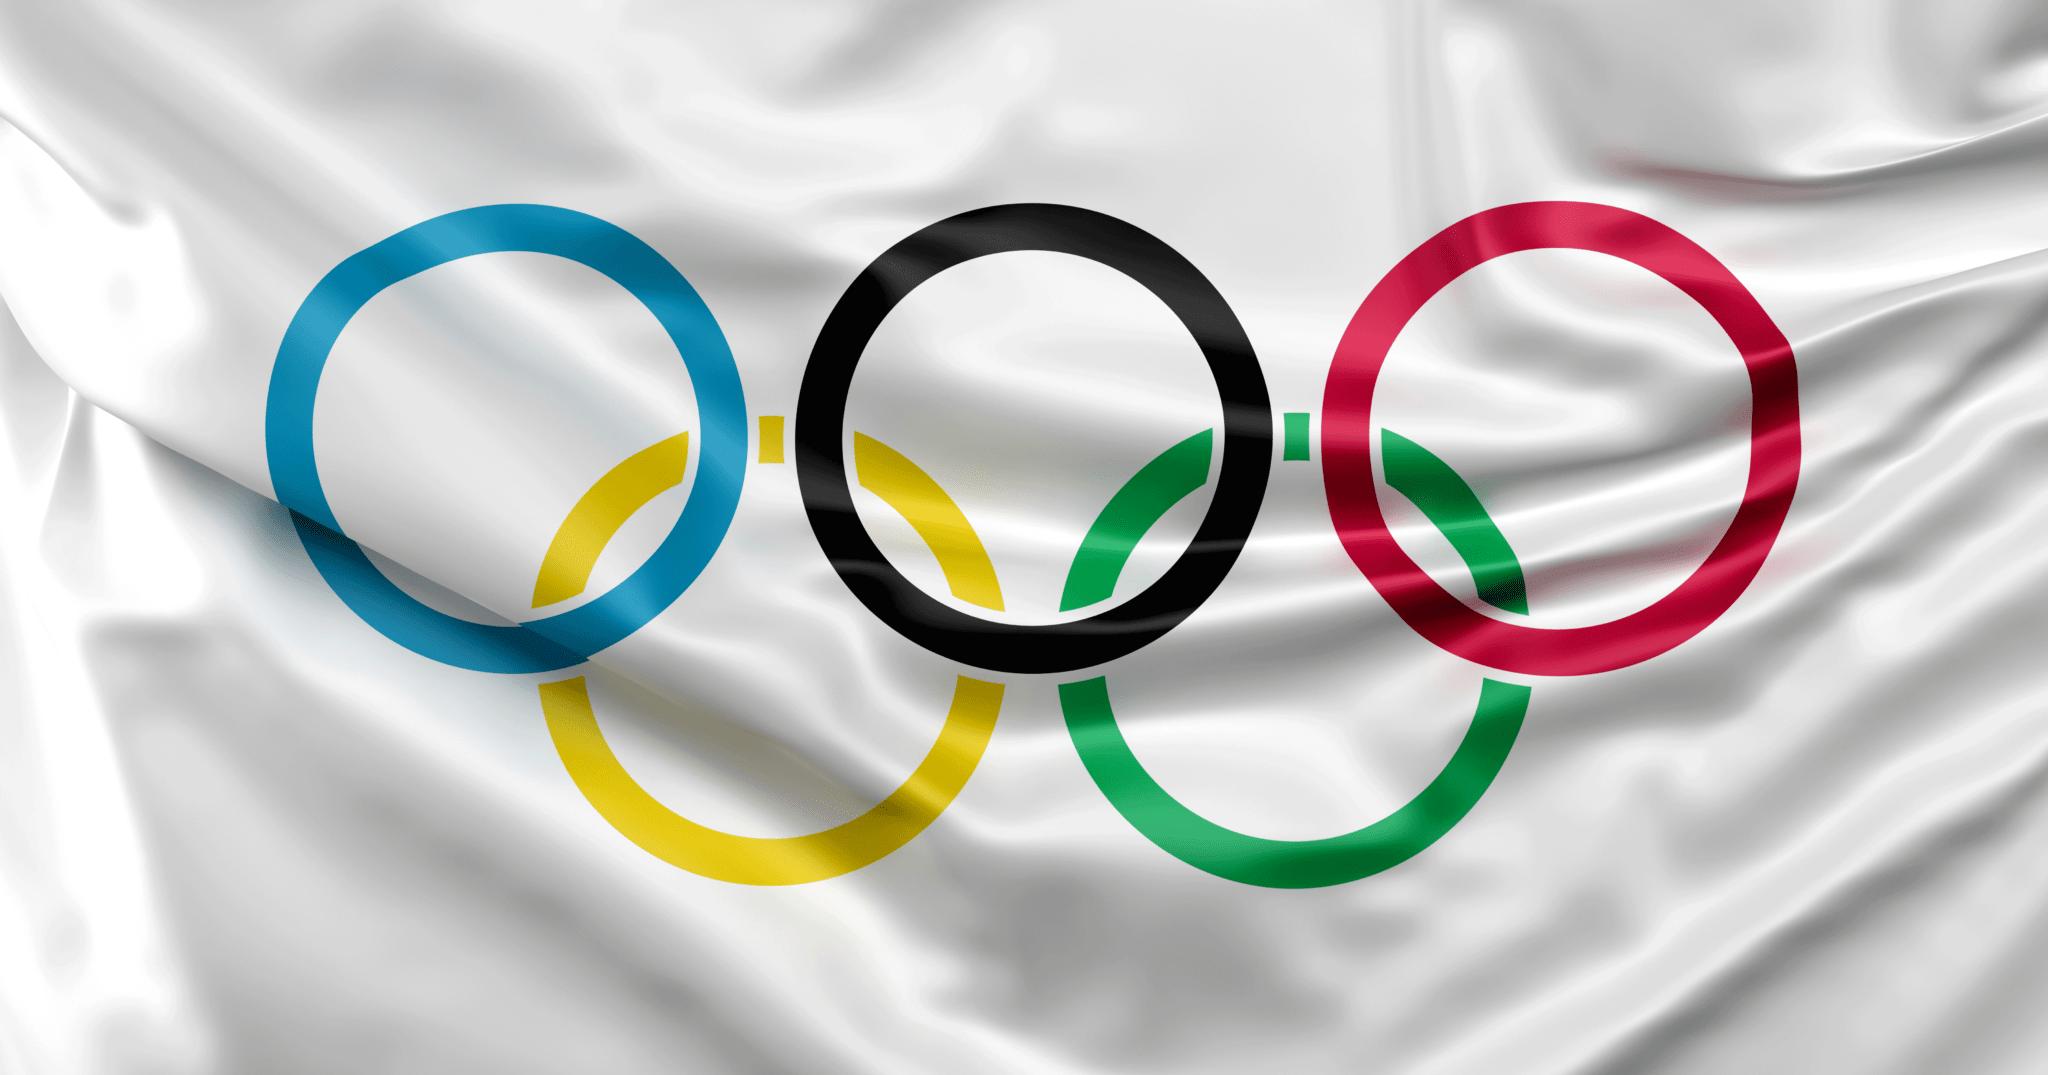 bsl-securite-paris-ile-de-france-gardiennage-jeux-olympiques-2024